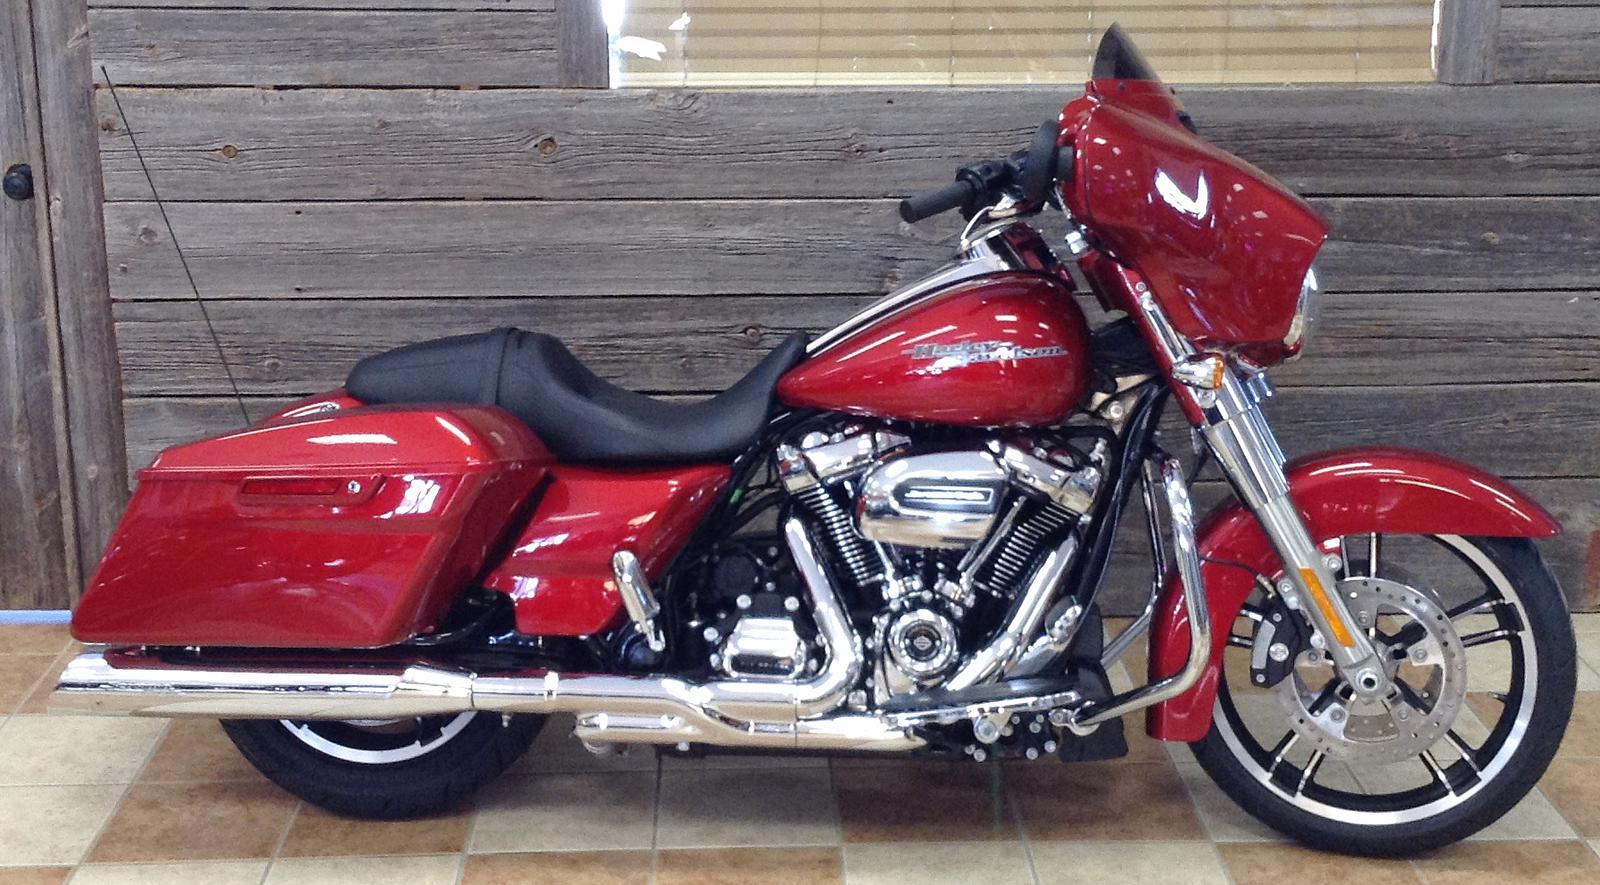 2019 Harley Davidson Street Glide Color Option W